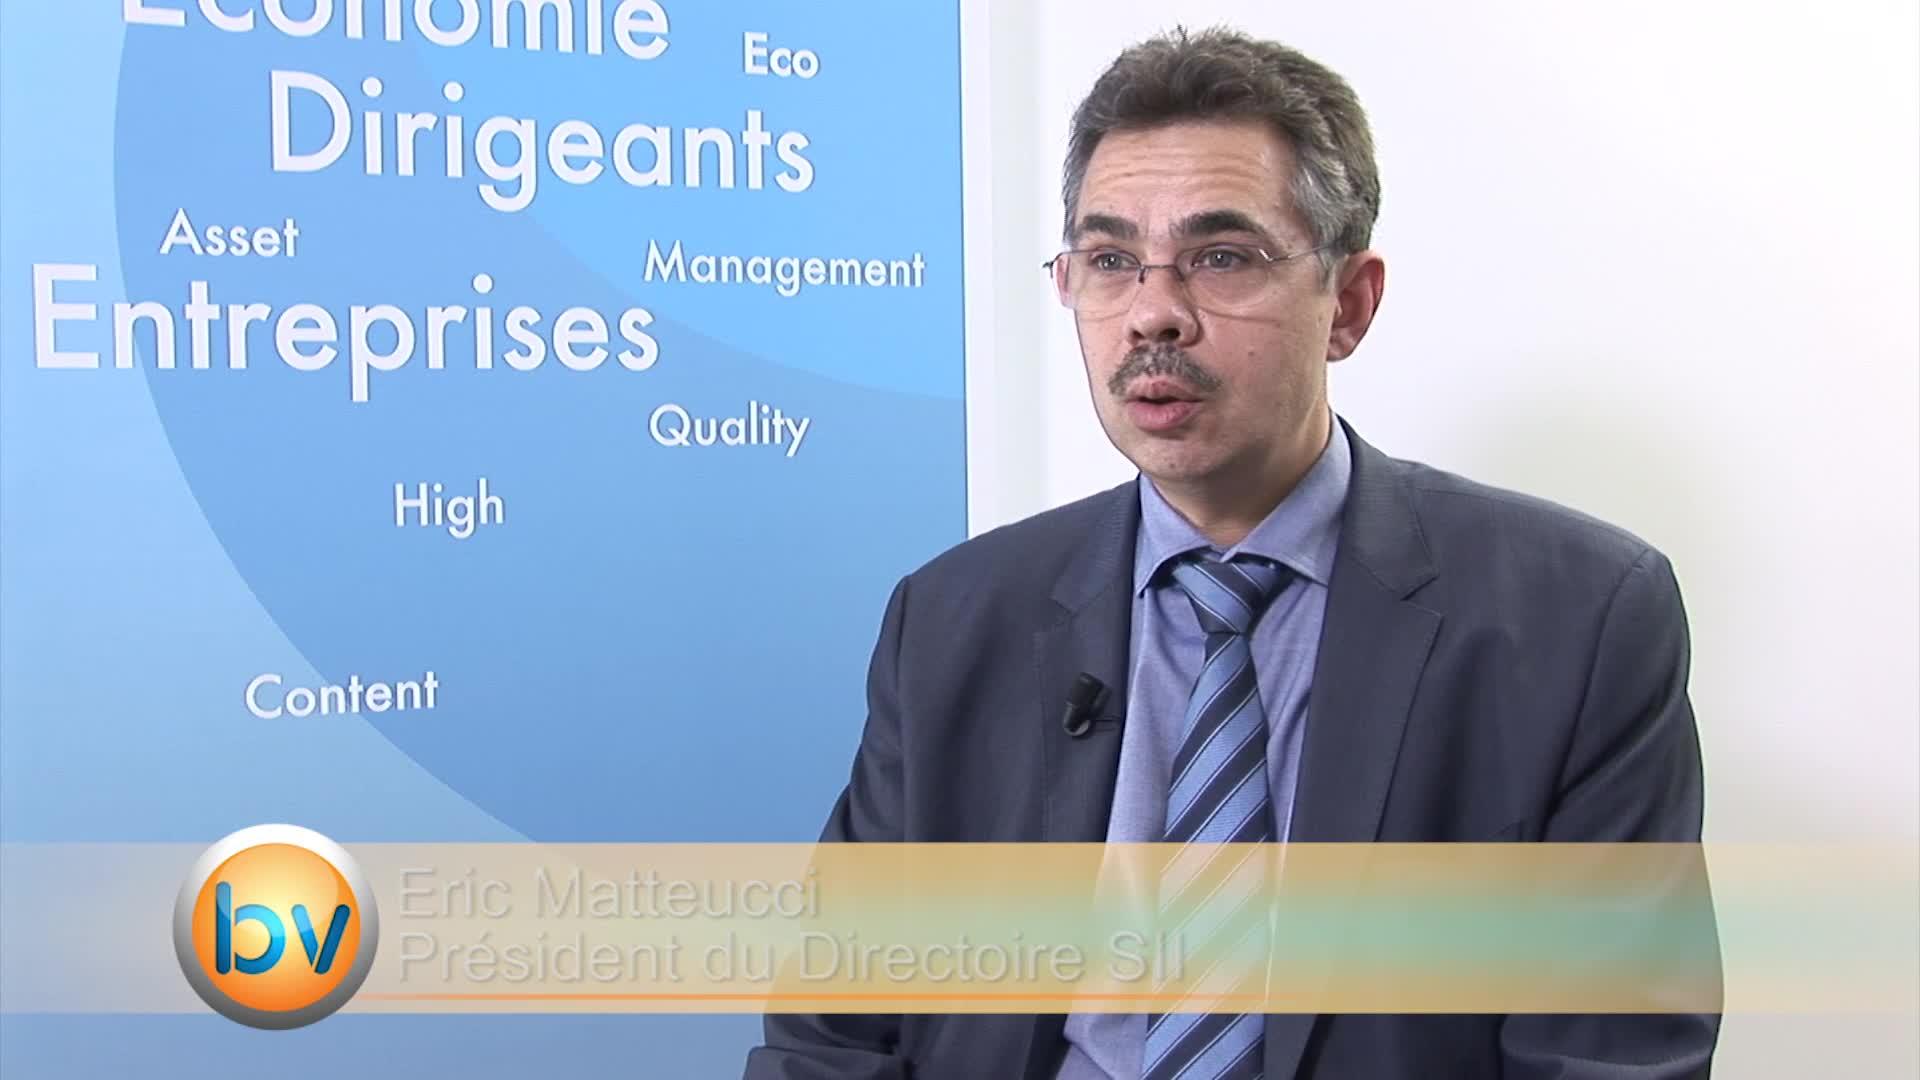 """Eric Matteucci Président du Directoire SII : """"Nous pensons pouvoir retrouver de la croissance organique en France"""""""